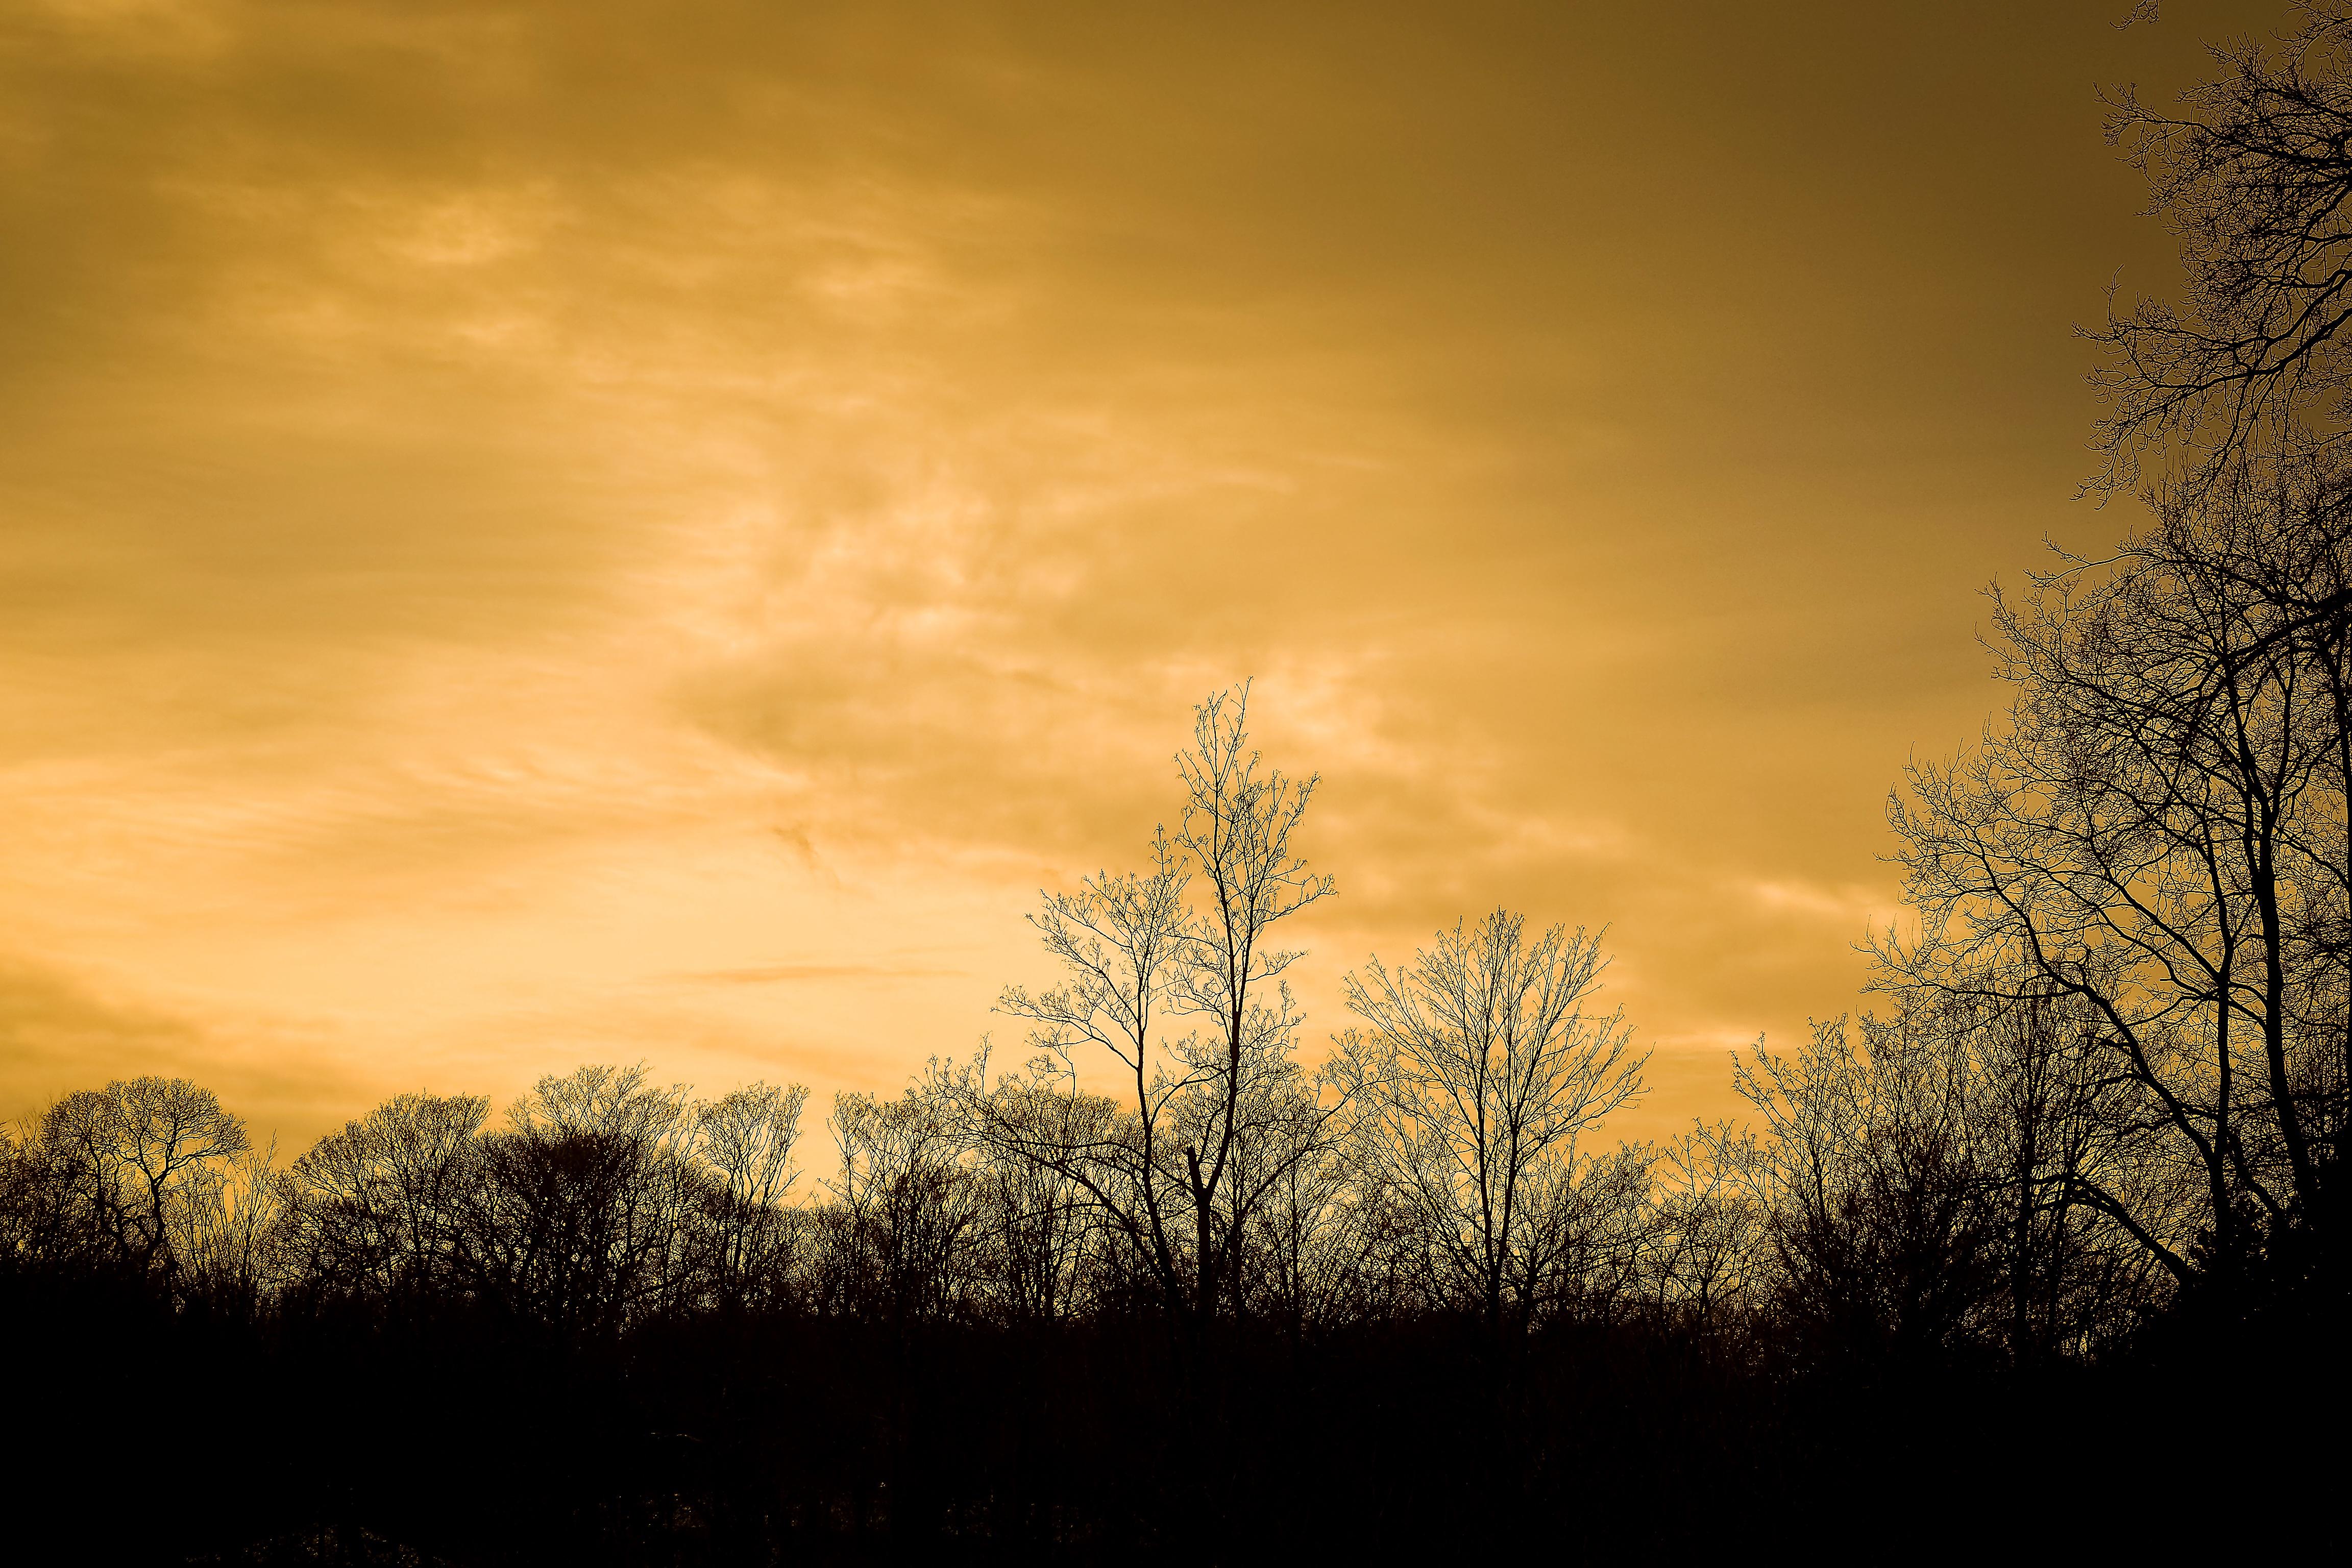 Gratis Afbeeldingen : landschap, boom, natuur, Bos, tak, silhouet ...